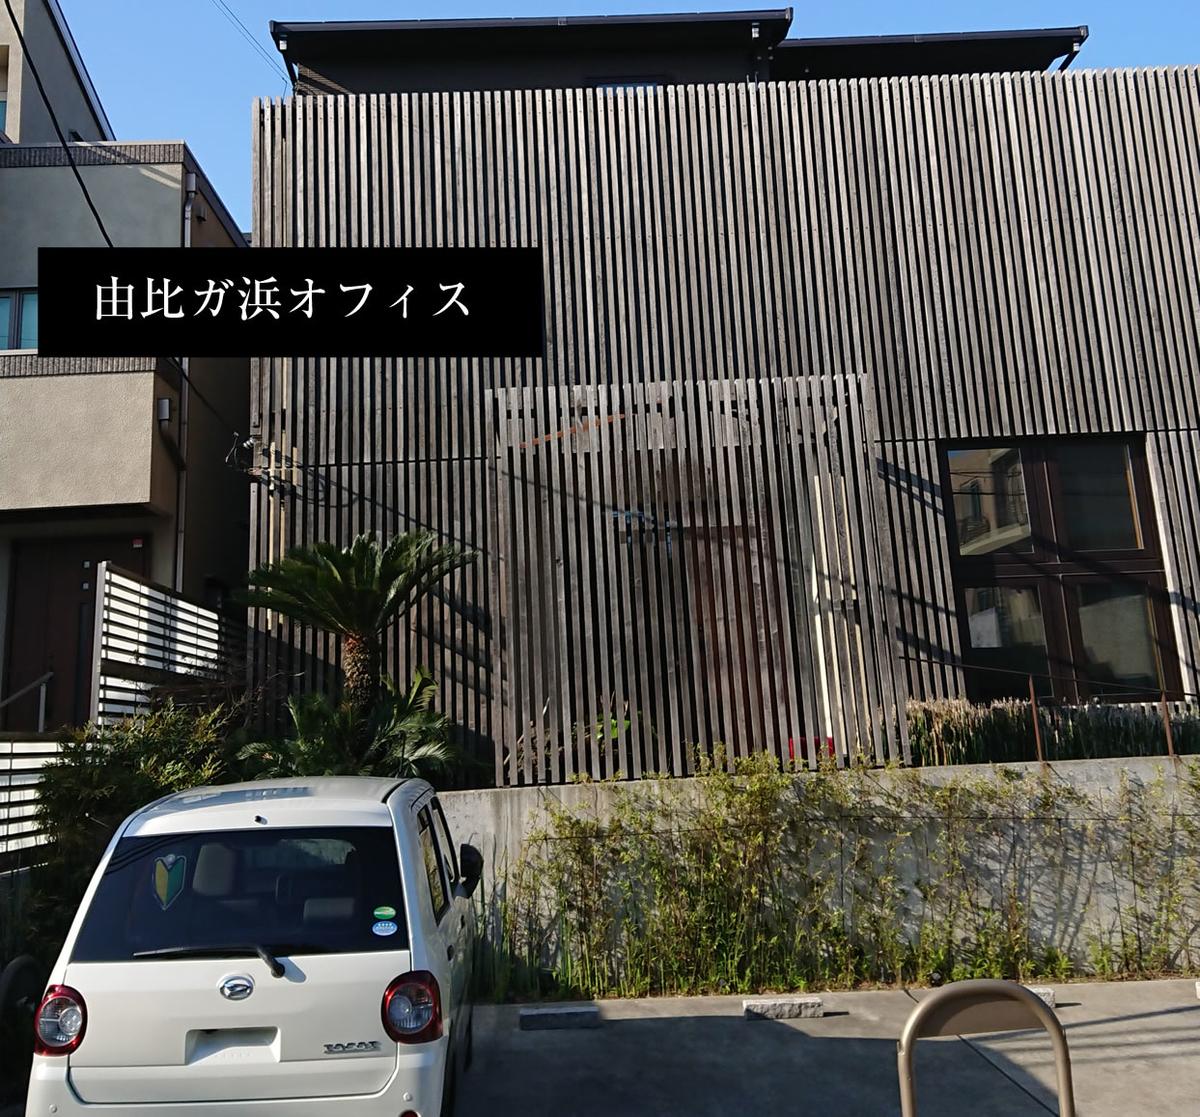 f:id:mayumi-mokoshi:20190426094134j:plain